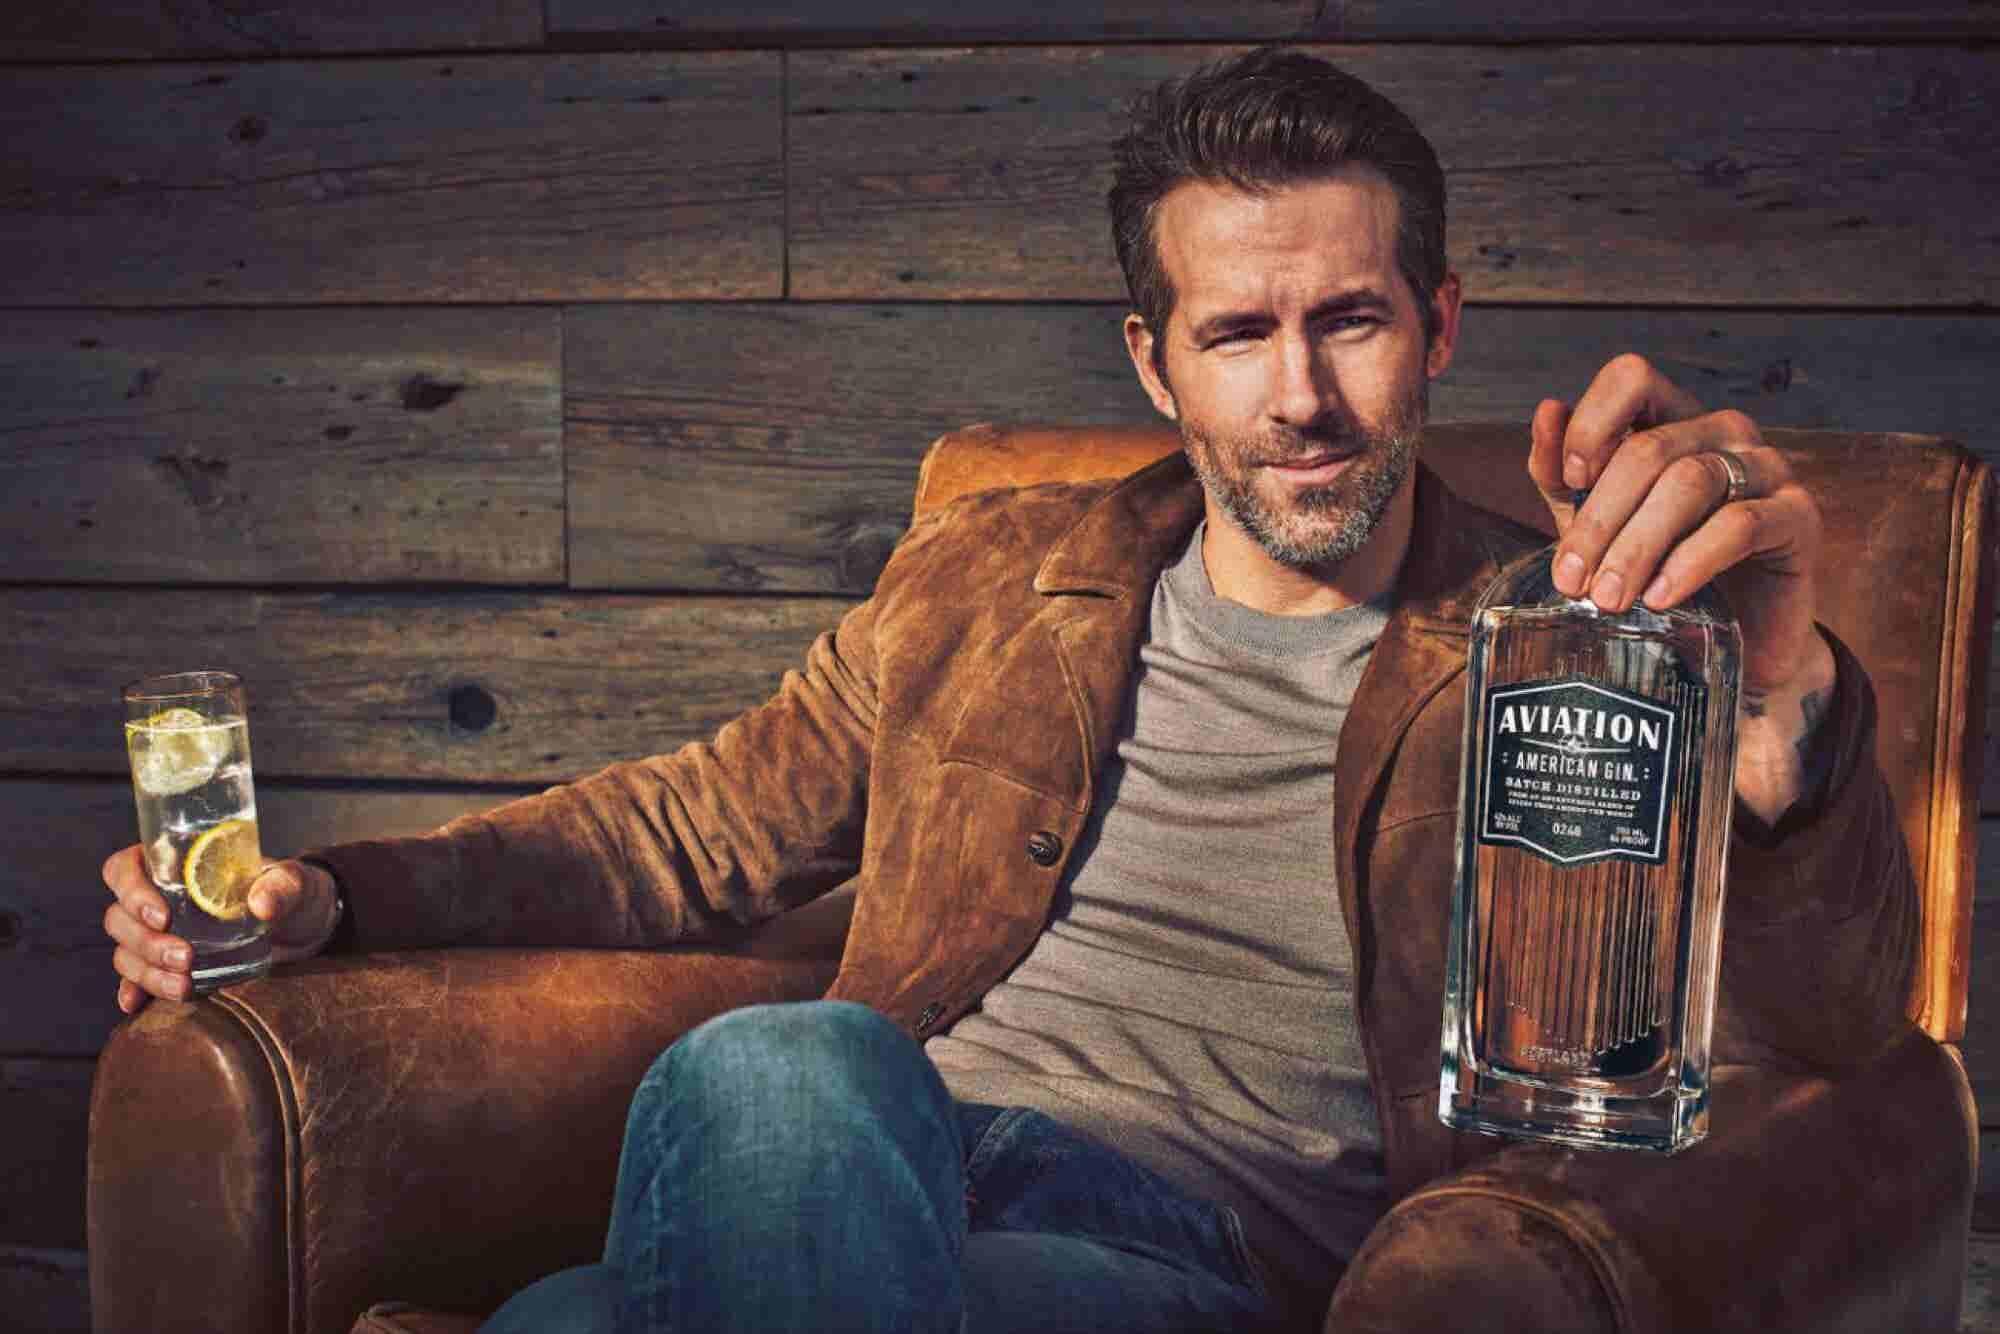 Ryan Reynolds acaba de comprar una compañía de gin (y la maneja al estilo Deadpool)